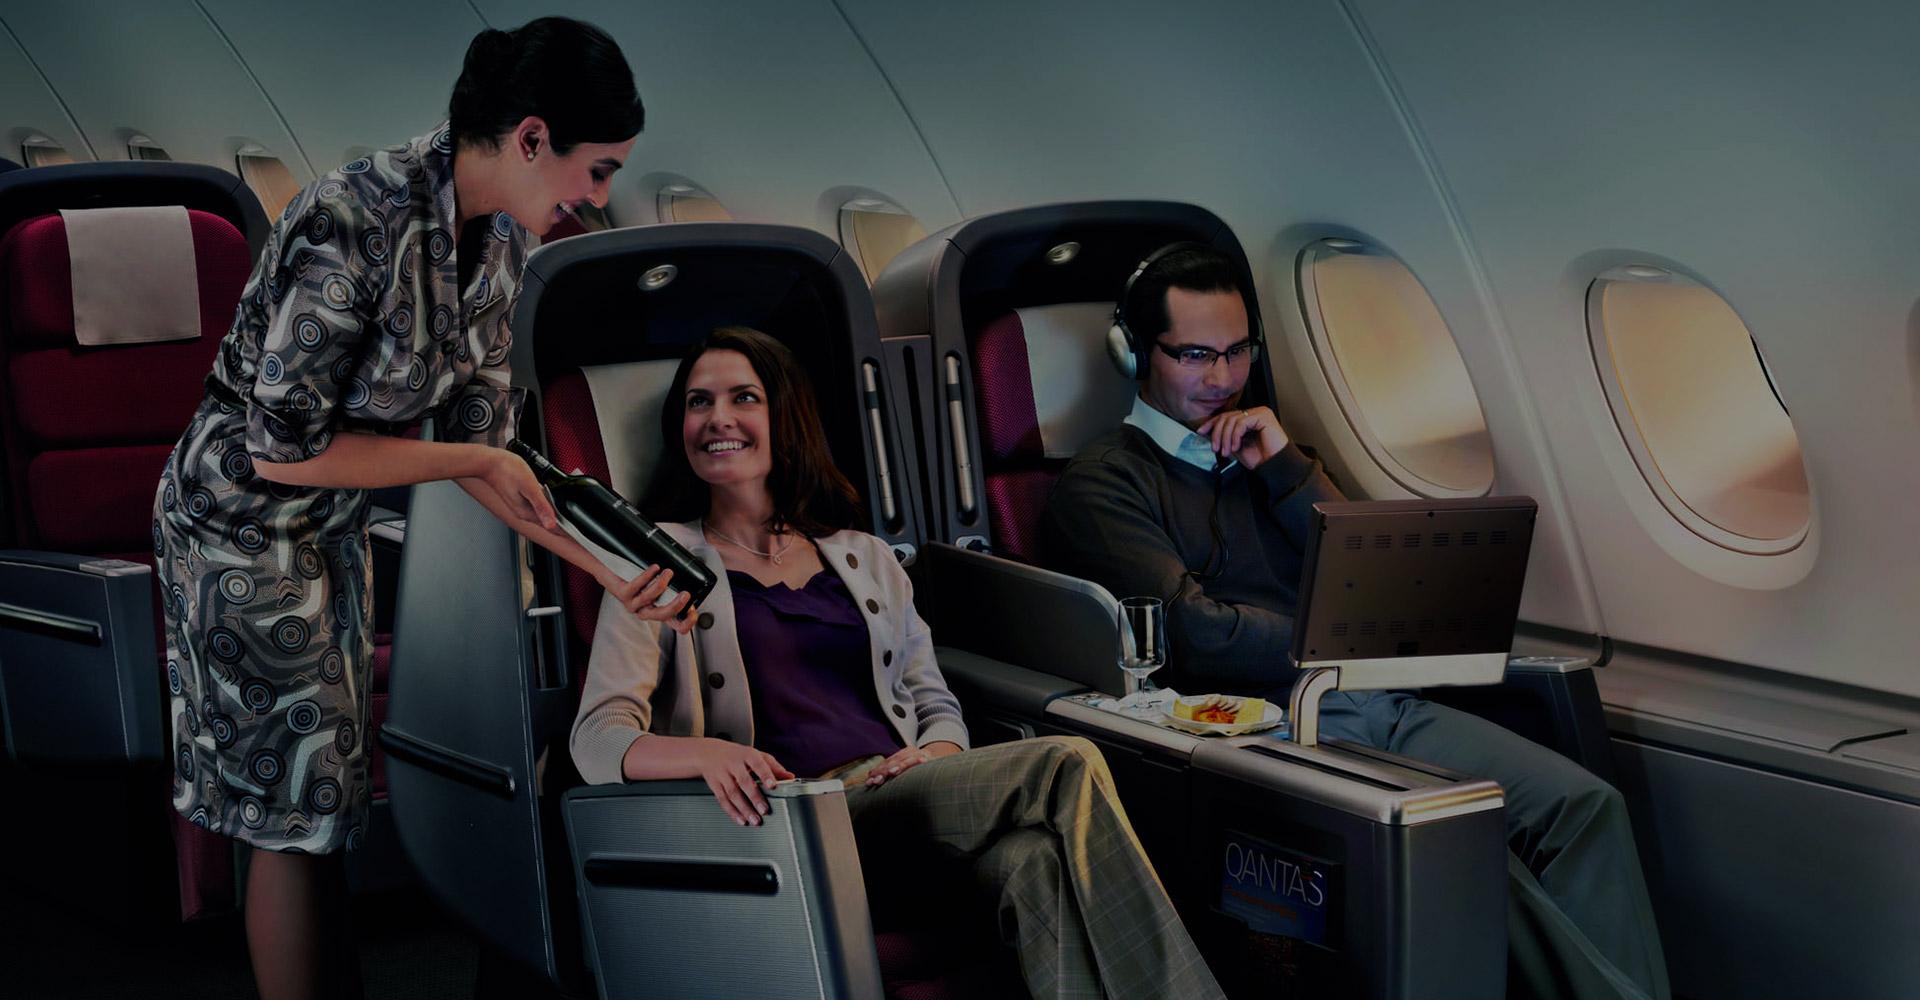 Comunicación para la Industria<br>de los Viajes y Turismo